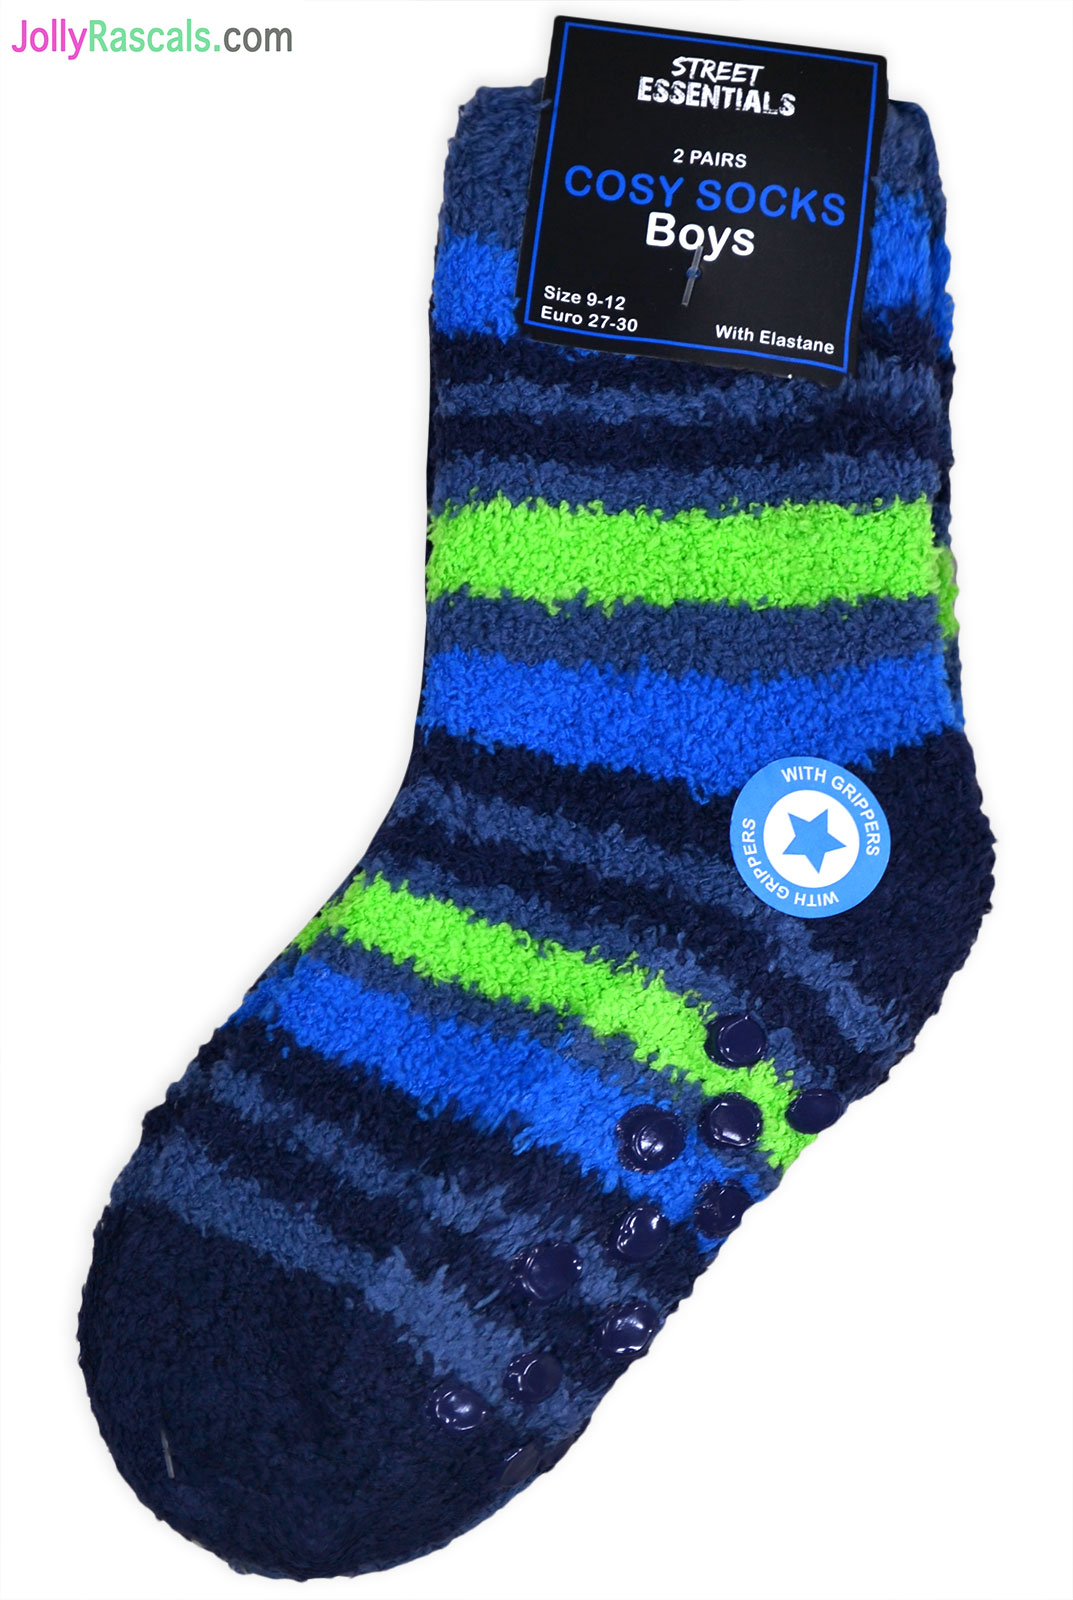 Kids Children/'s Boys Spider Web Winter Warm Socks NON SLIP Slipper Socks 2 packs